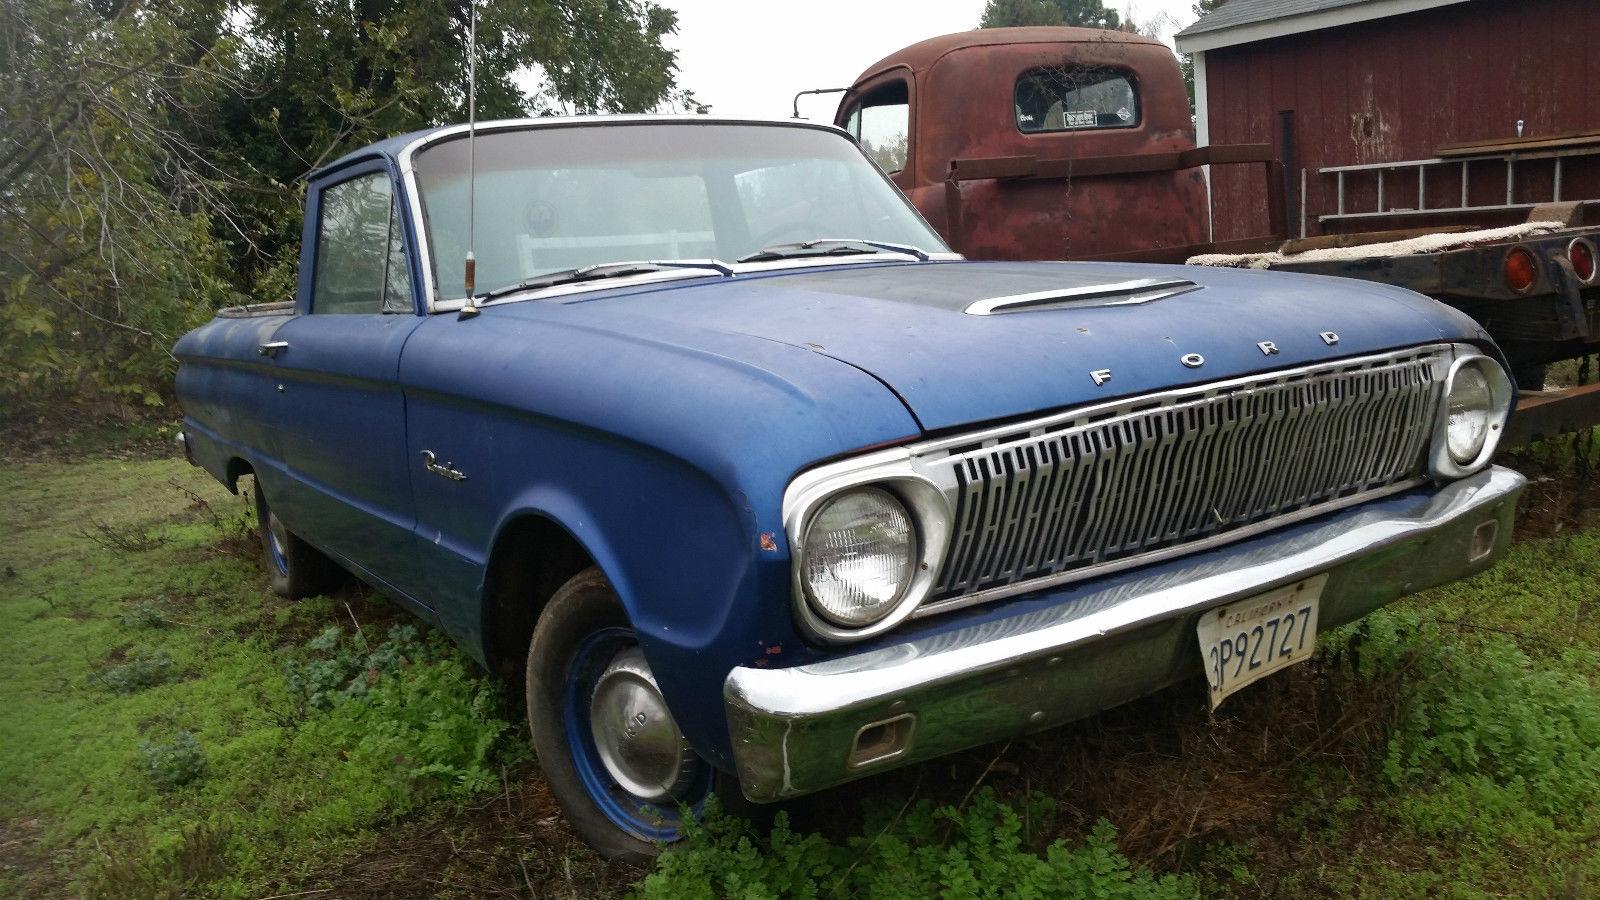 1962 Ford Falcon Ranchero Hot Rat Srteet Drag Car Classic